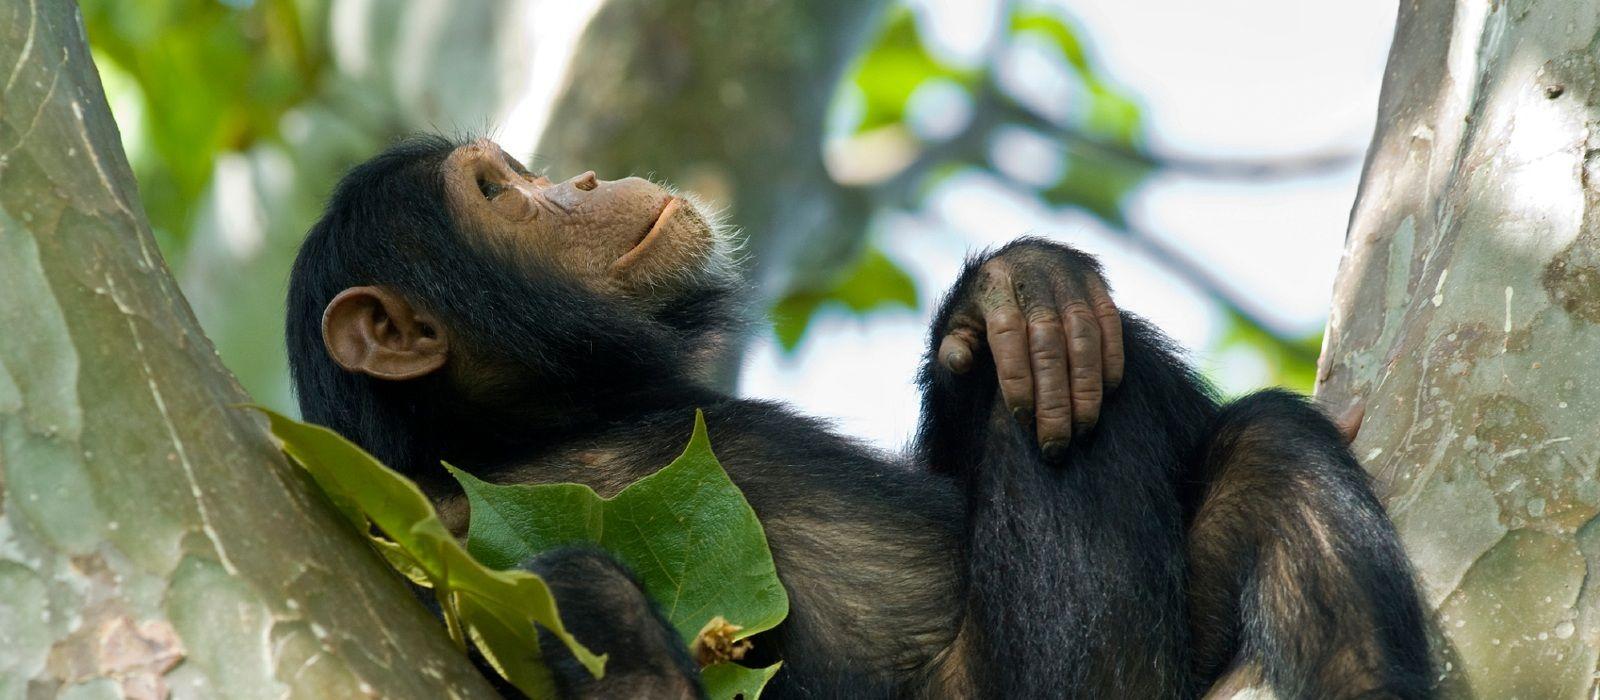 Gorilla Trekking in Rwanda Tour Trip 4